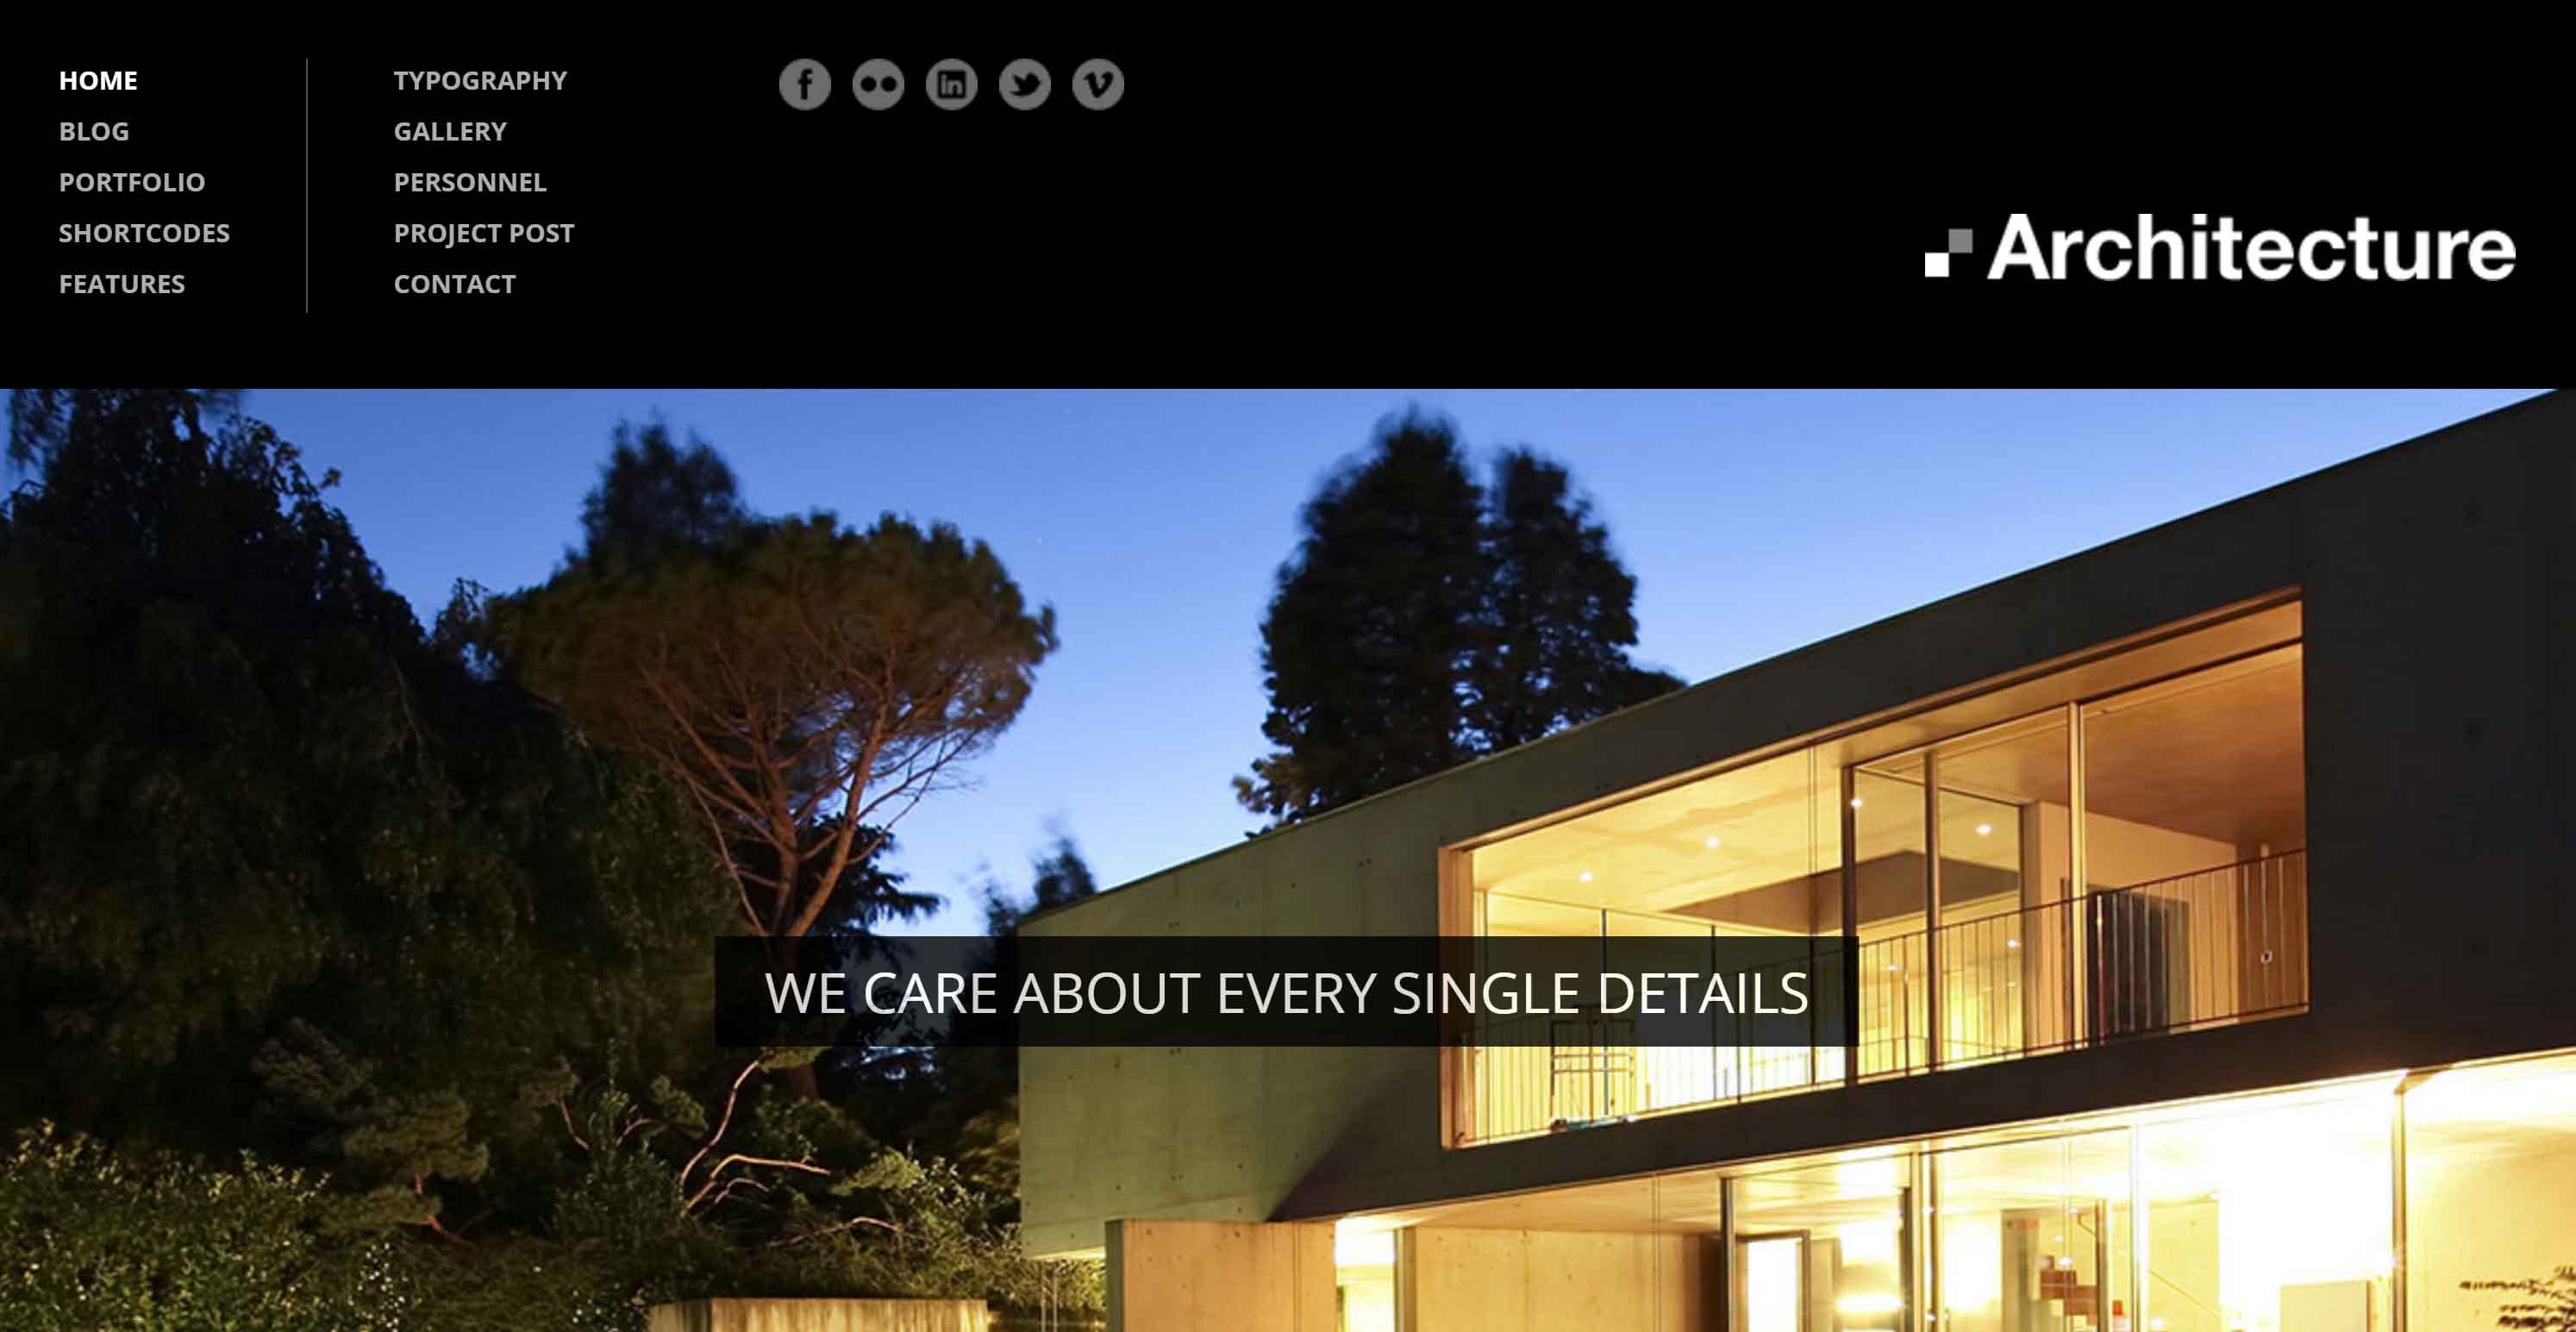 dise o de p gina web para un estudio de arquitectura On paginas web de arquitectura